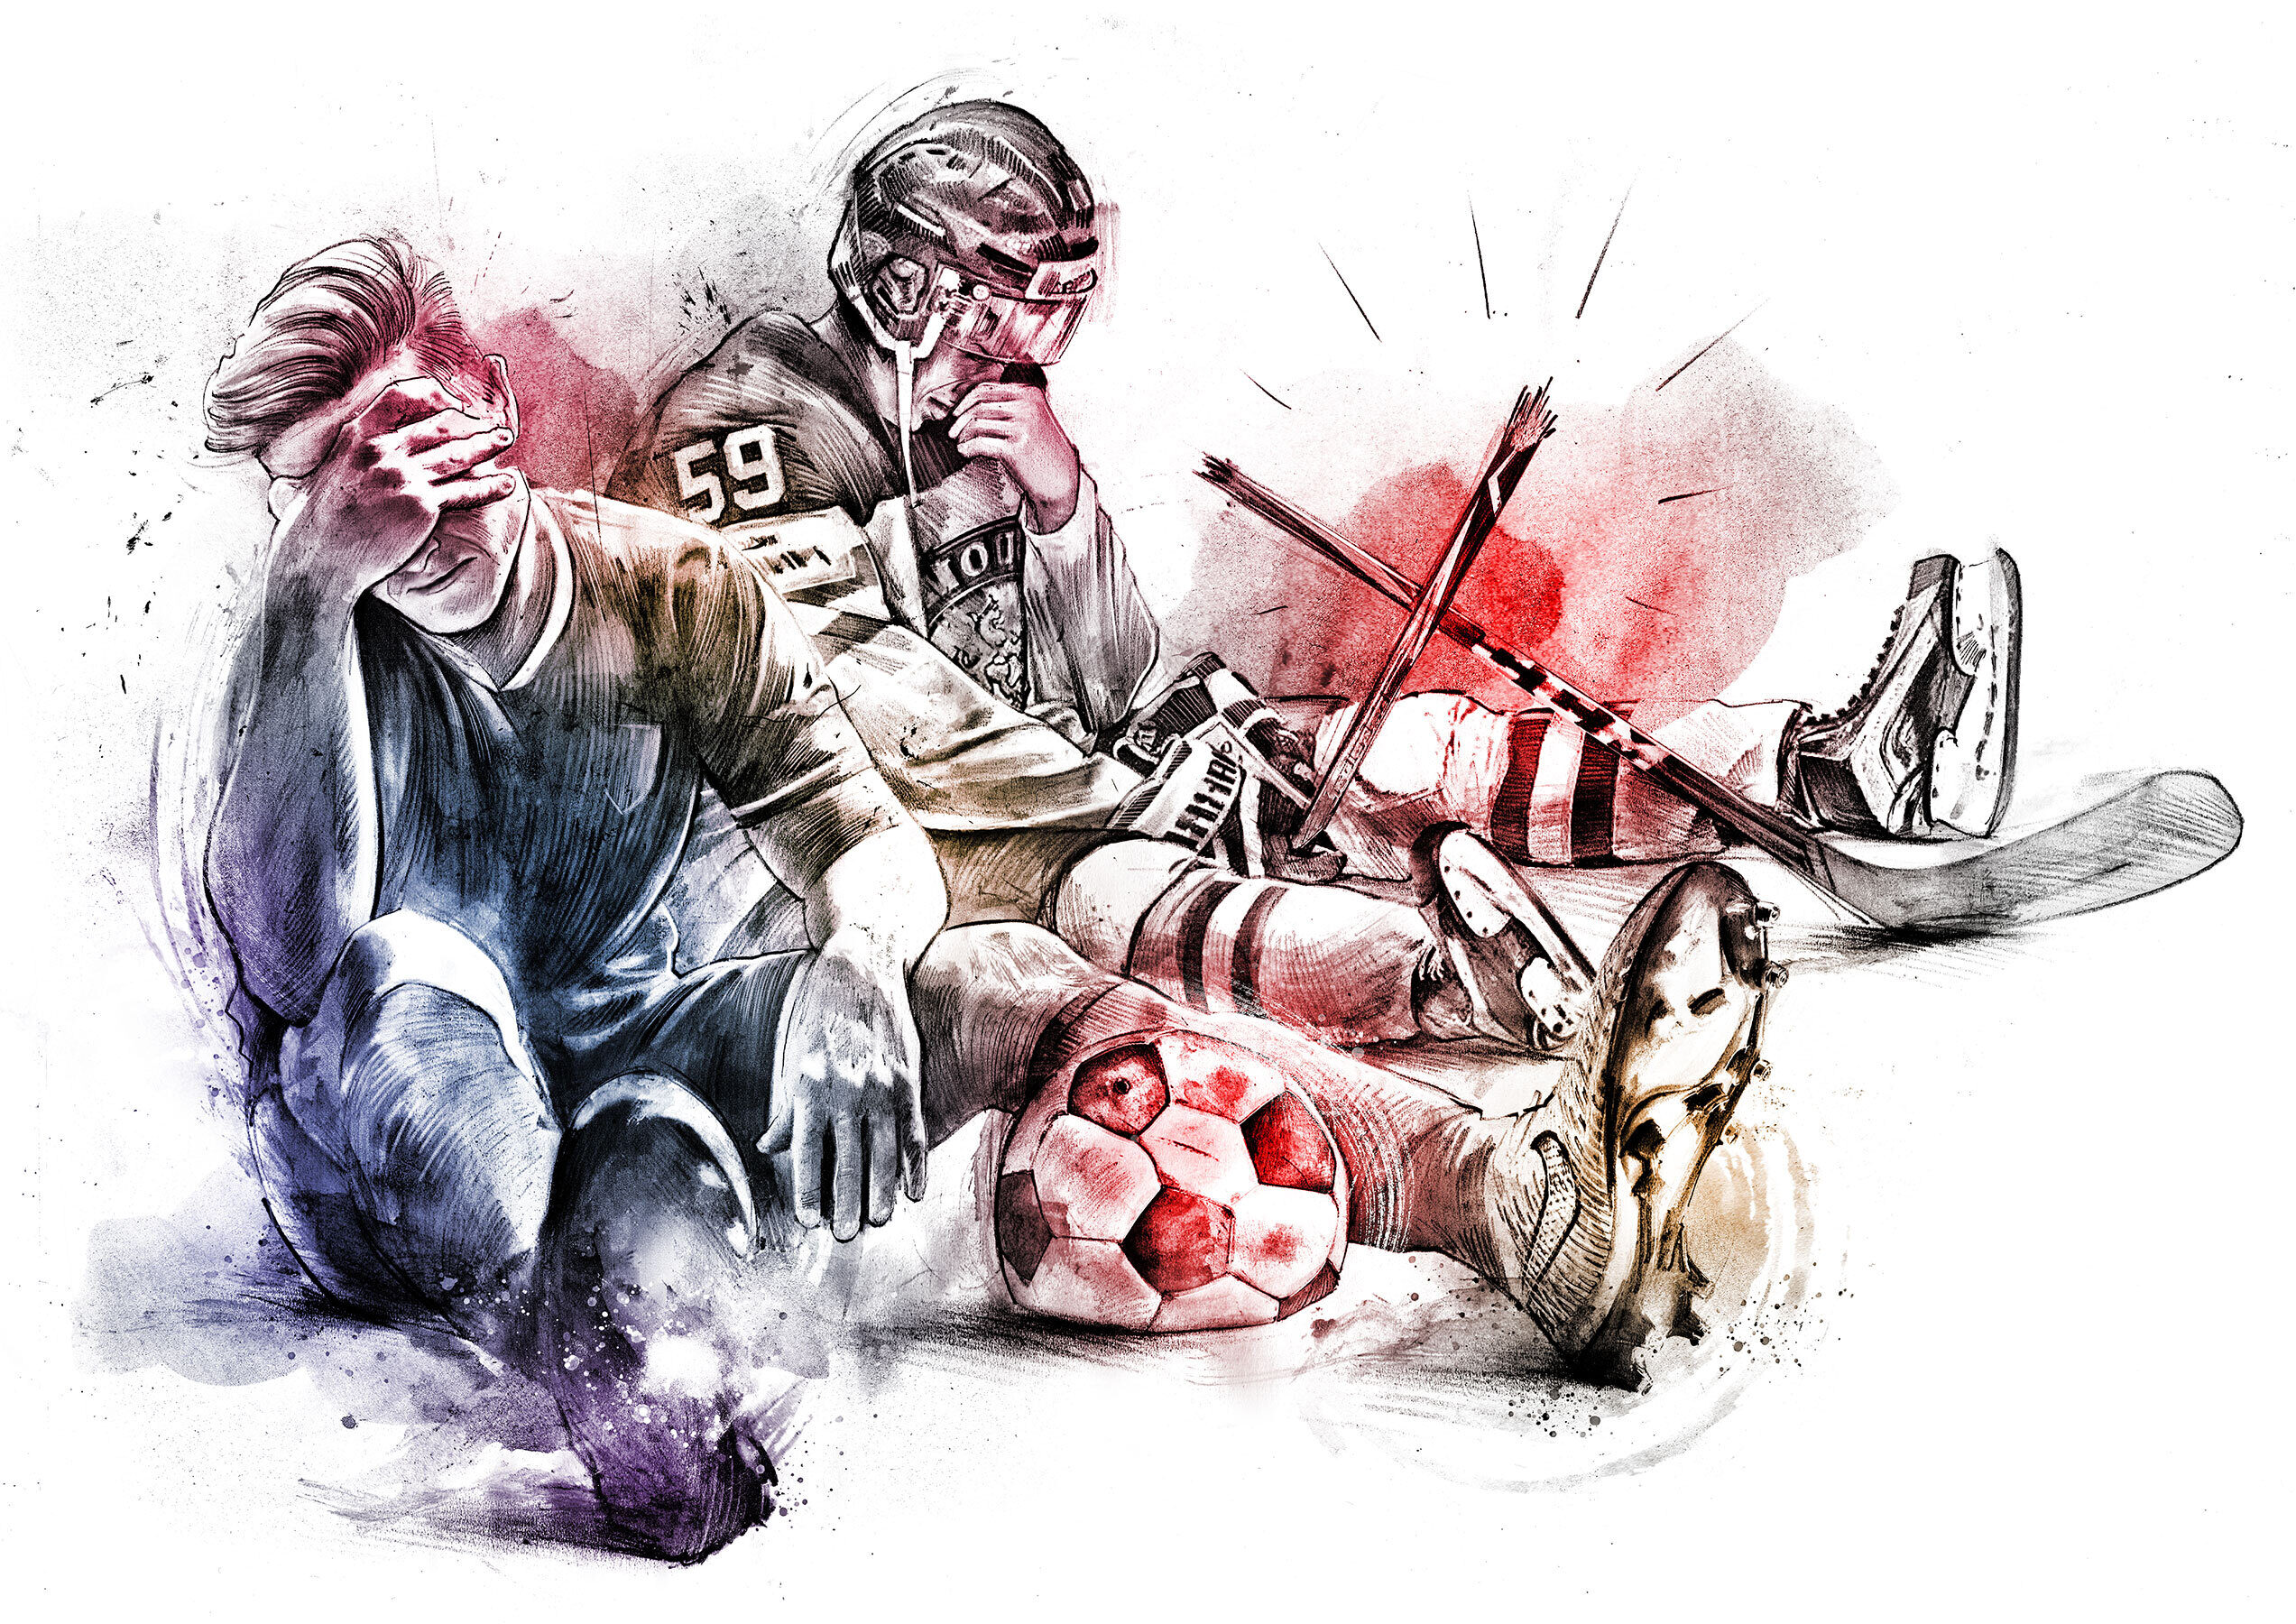 Sportauftakt - Kornel Illustration | Kornel Stadler portfolio